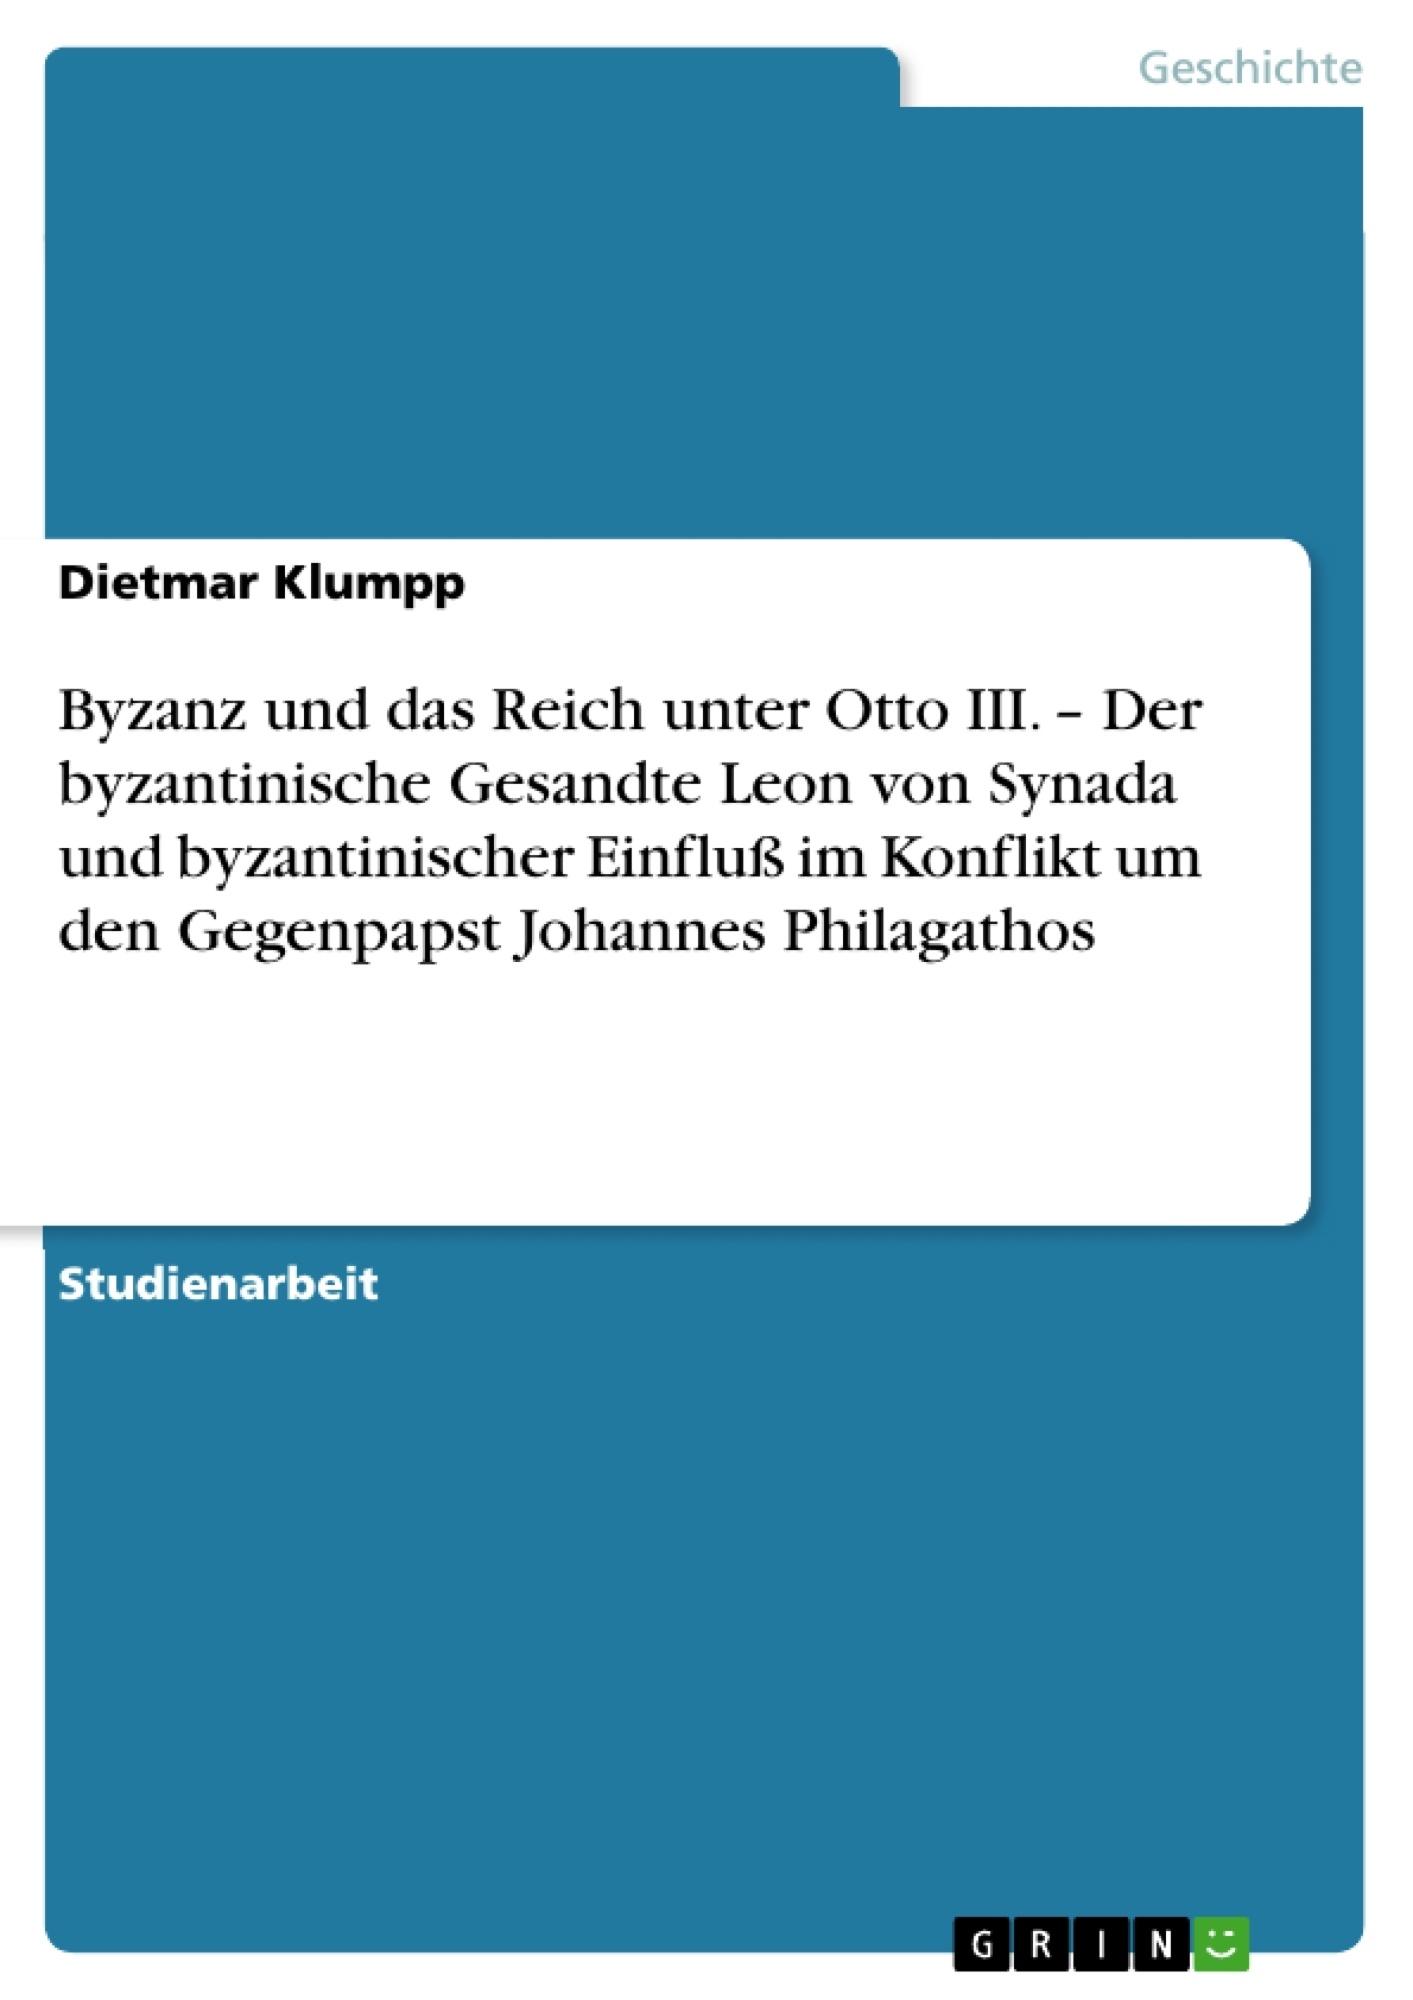 Titel: Byzanz und das Reich unter Otto III. – Der byzantinische Gesandte Leon von Synada und byzantinischer Einfluß im Konflikt um den Gegenpapst Johannes Philagathos